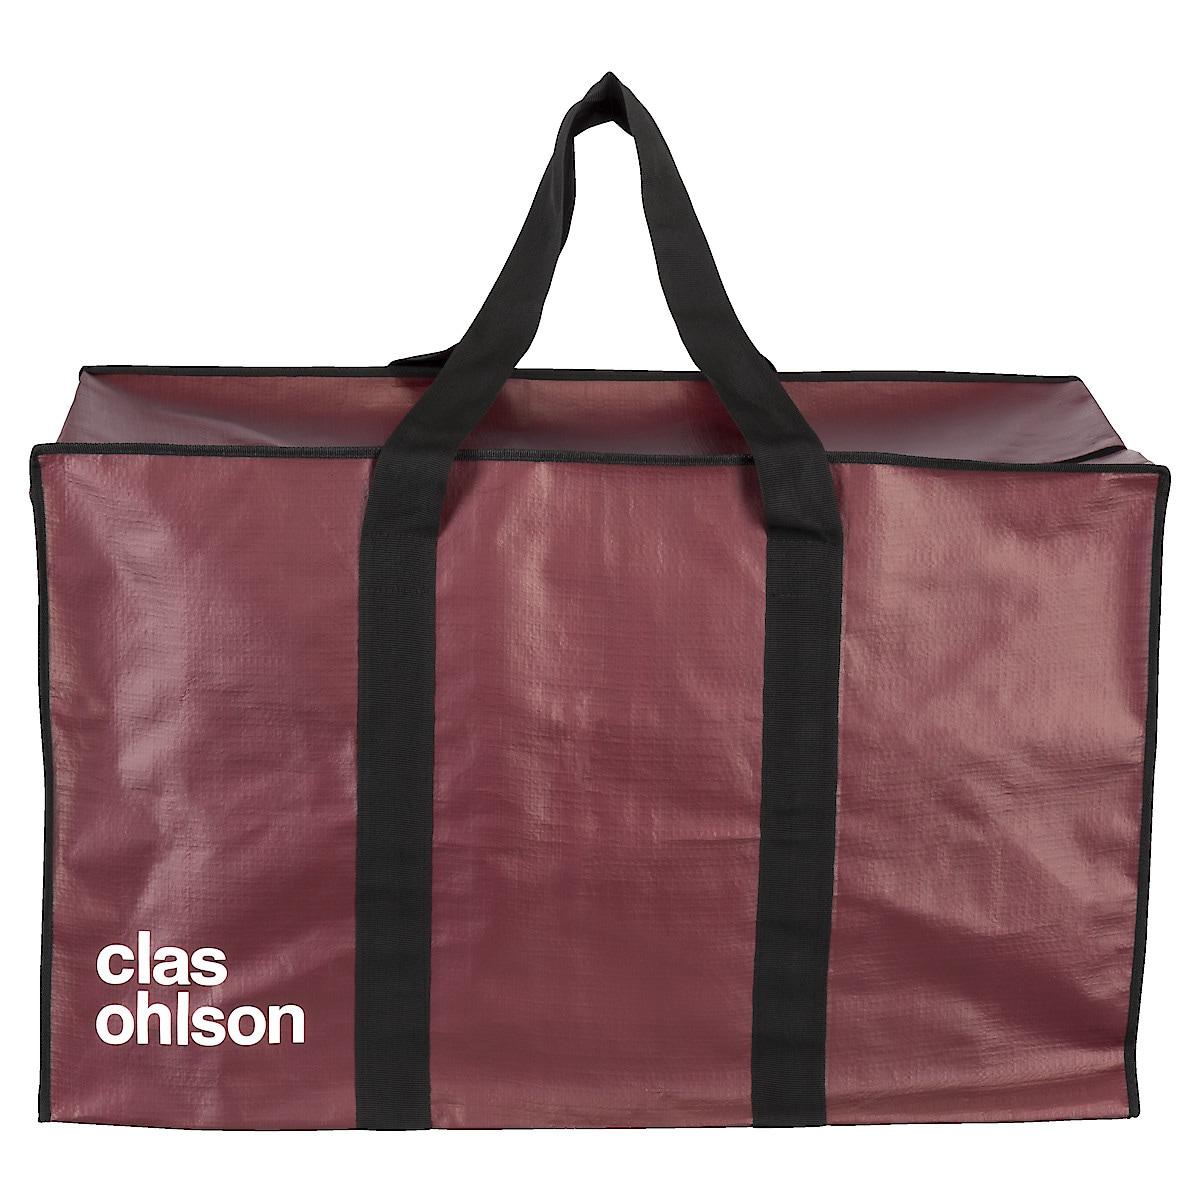 Förvaringsväska Clas Ohlson